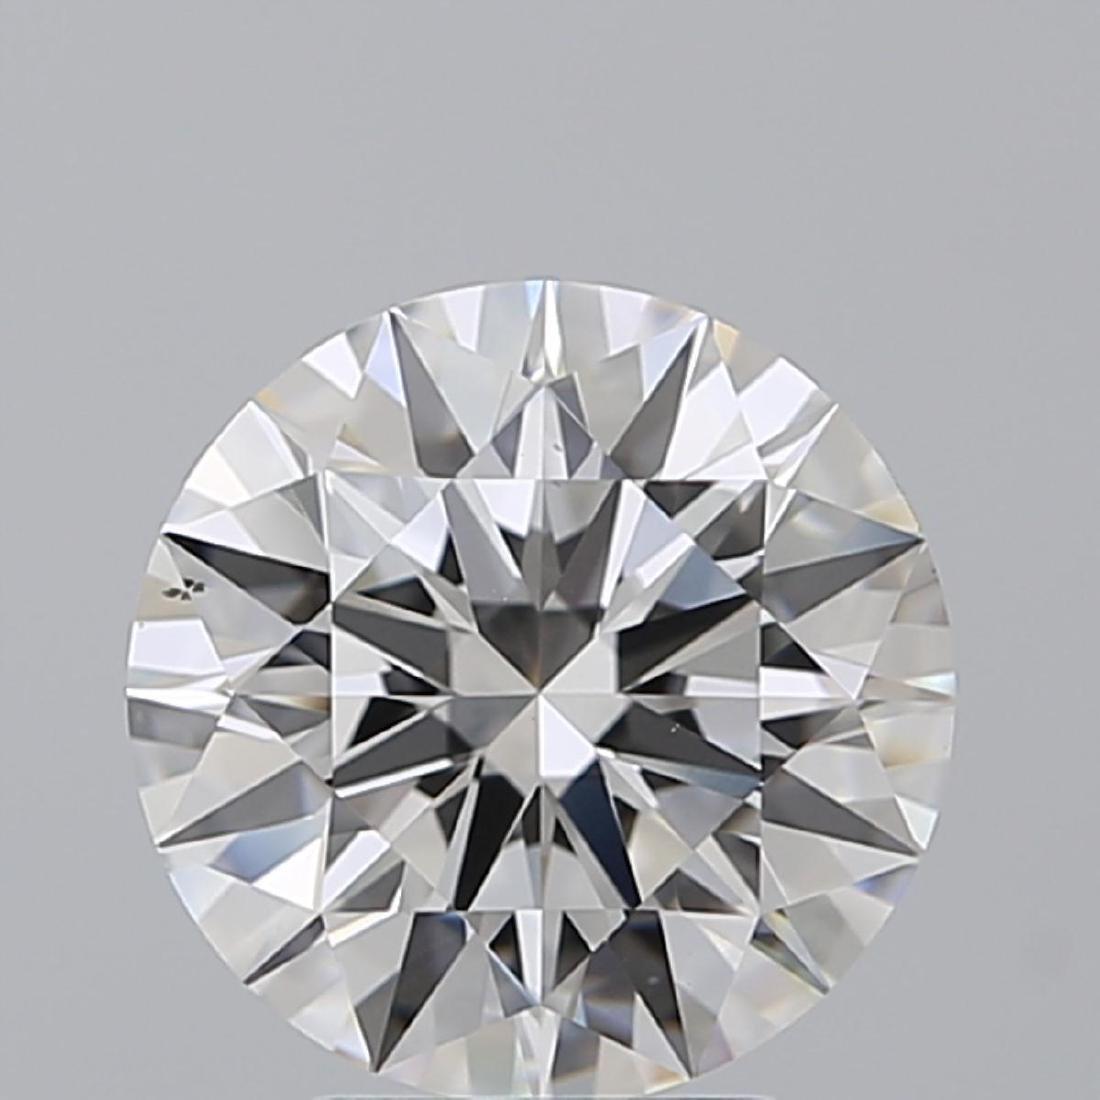 3.23 ct, Color G/VS2, Round cut Diamond - 2